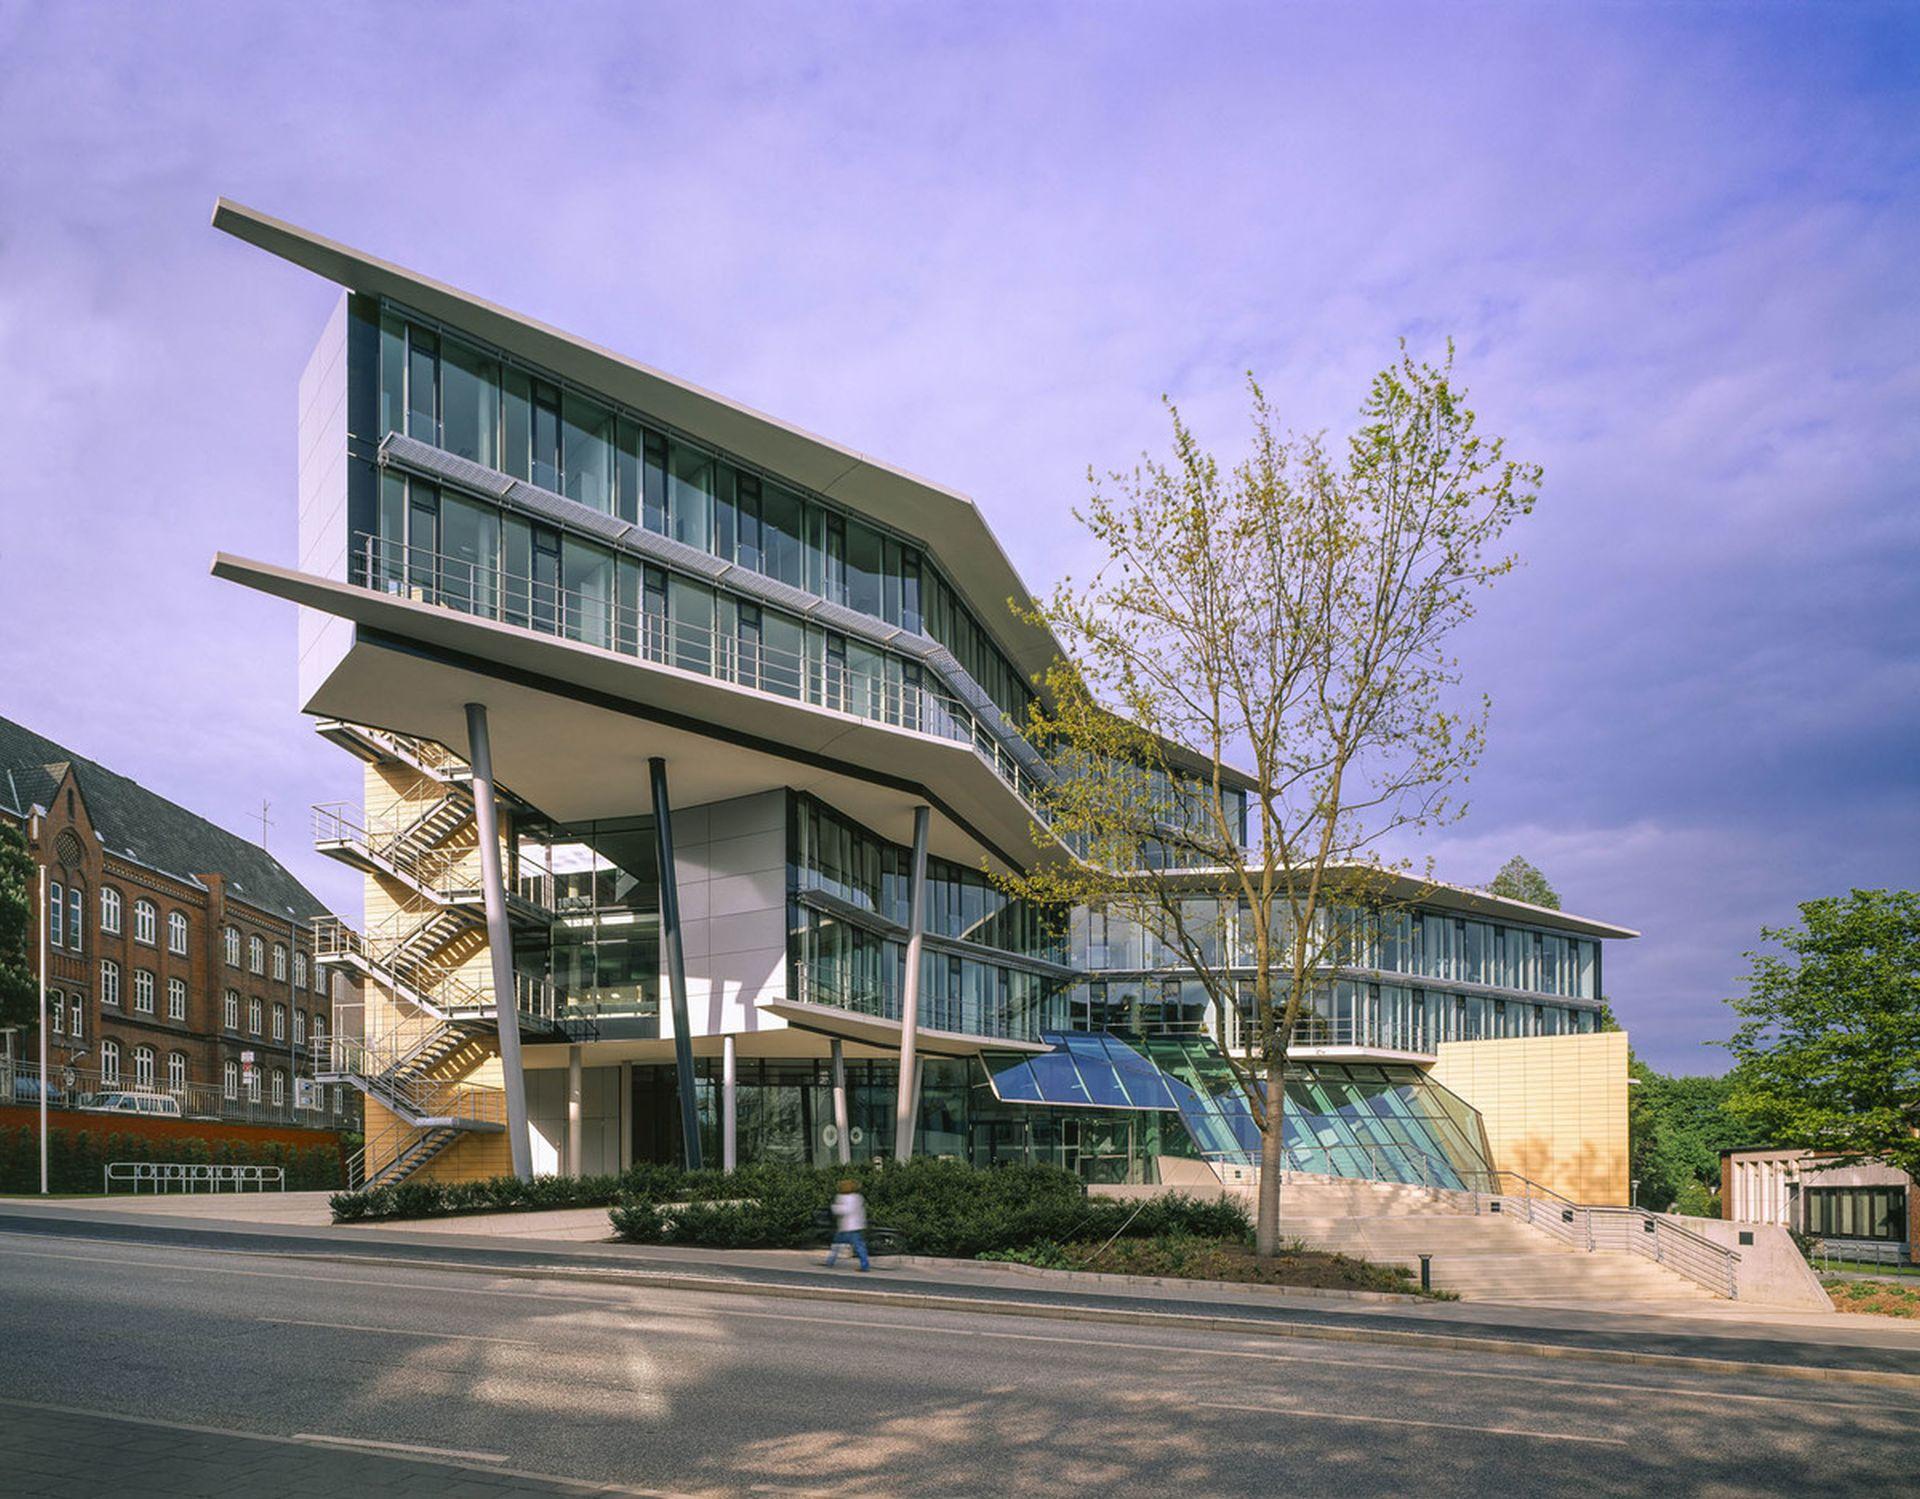 Projekt: IHK, KielArchitekt: KTP, Stuttgart